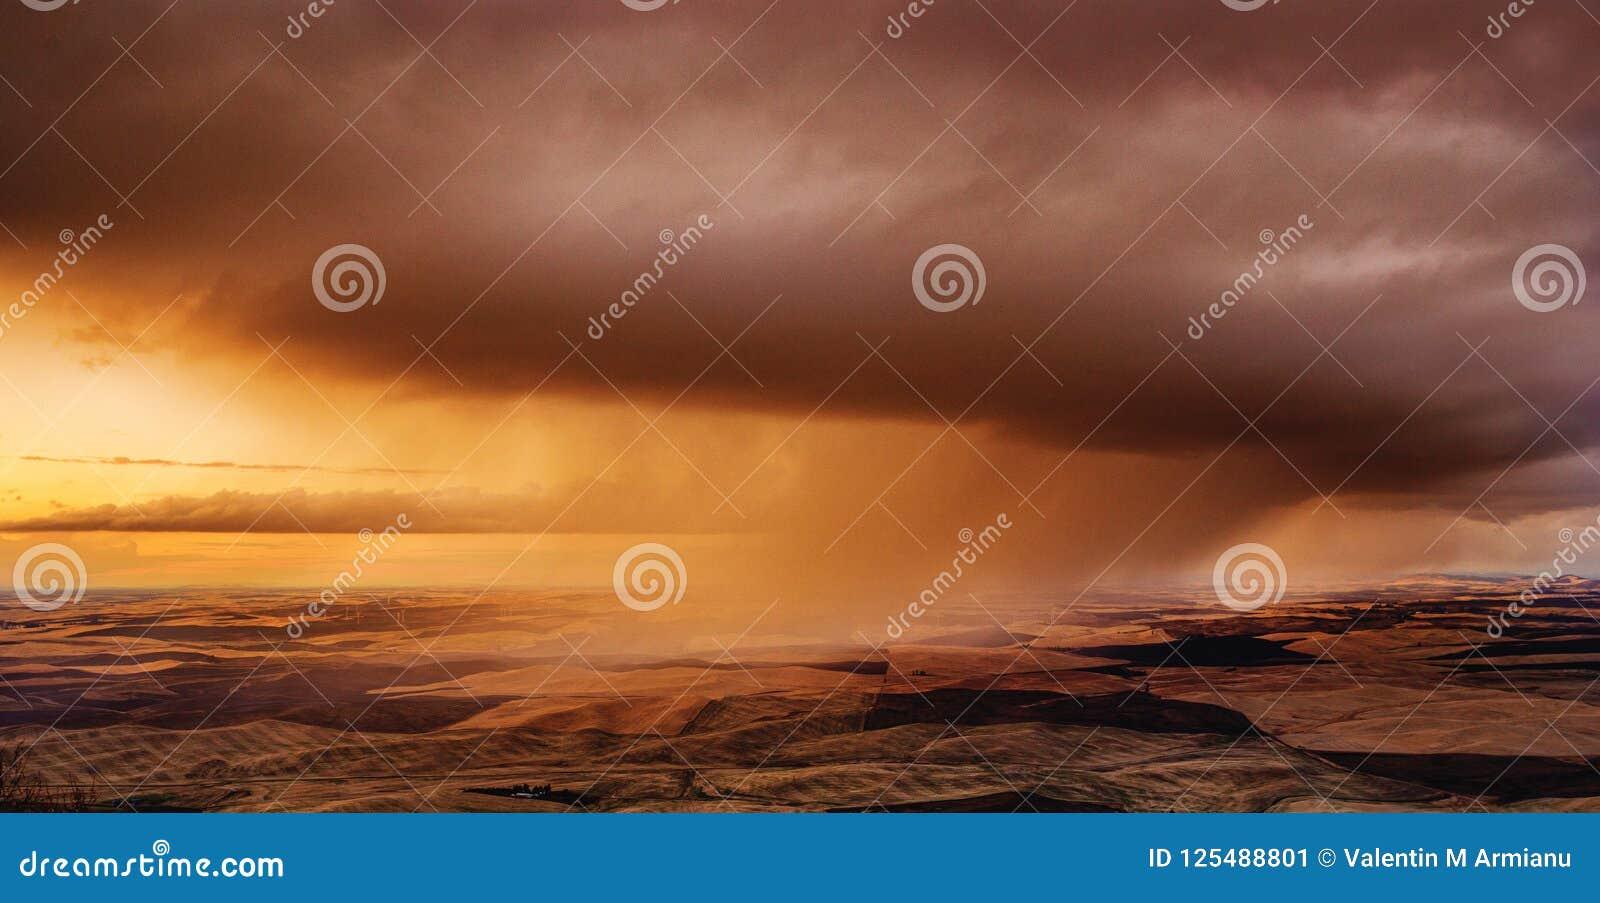 Tempestade sobre os campos